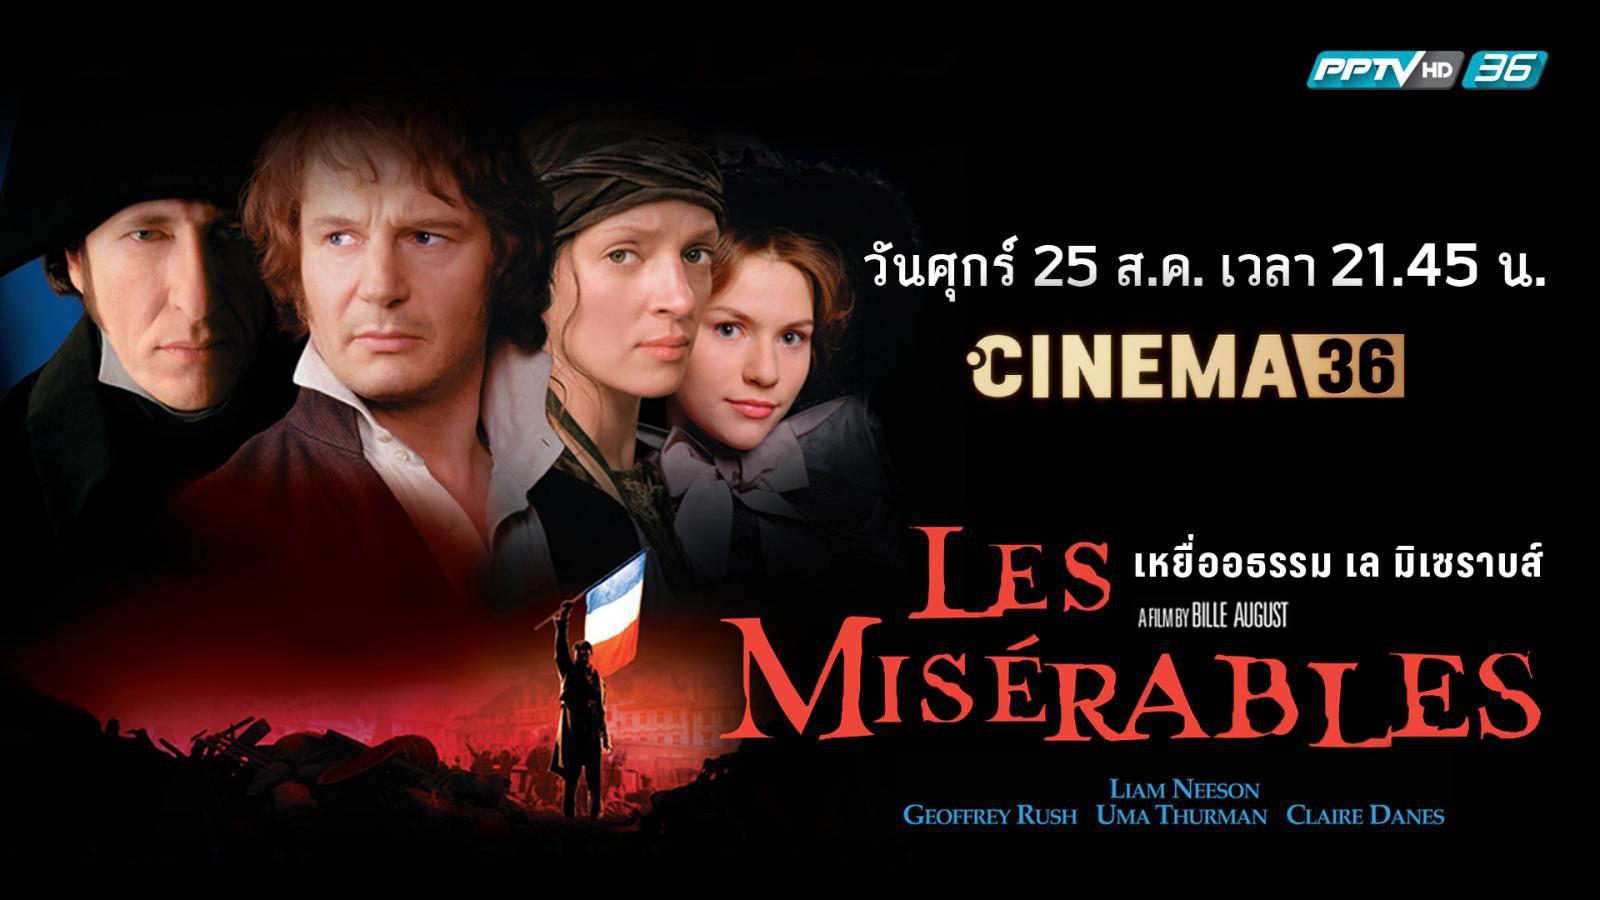 Les Miserables เหยื่ออธรรม เล มิเซราบส์